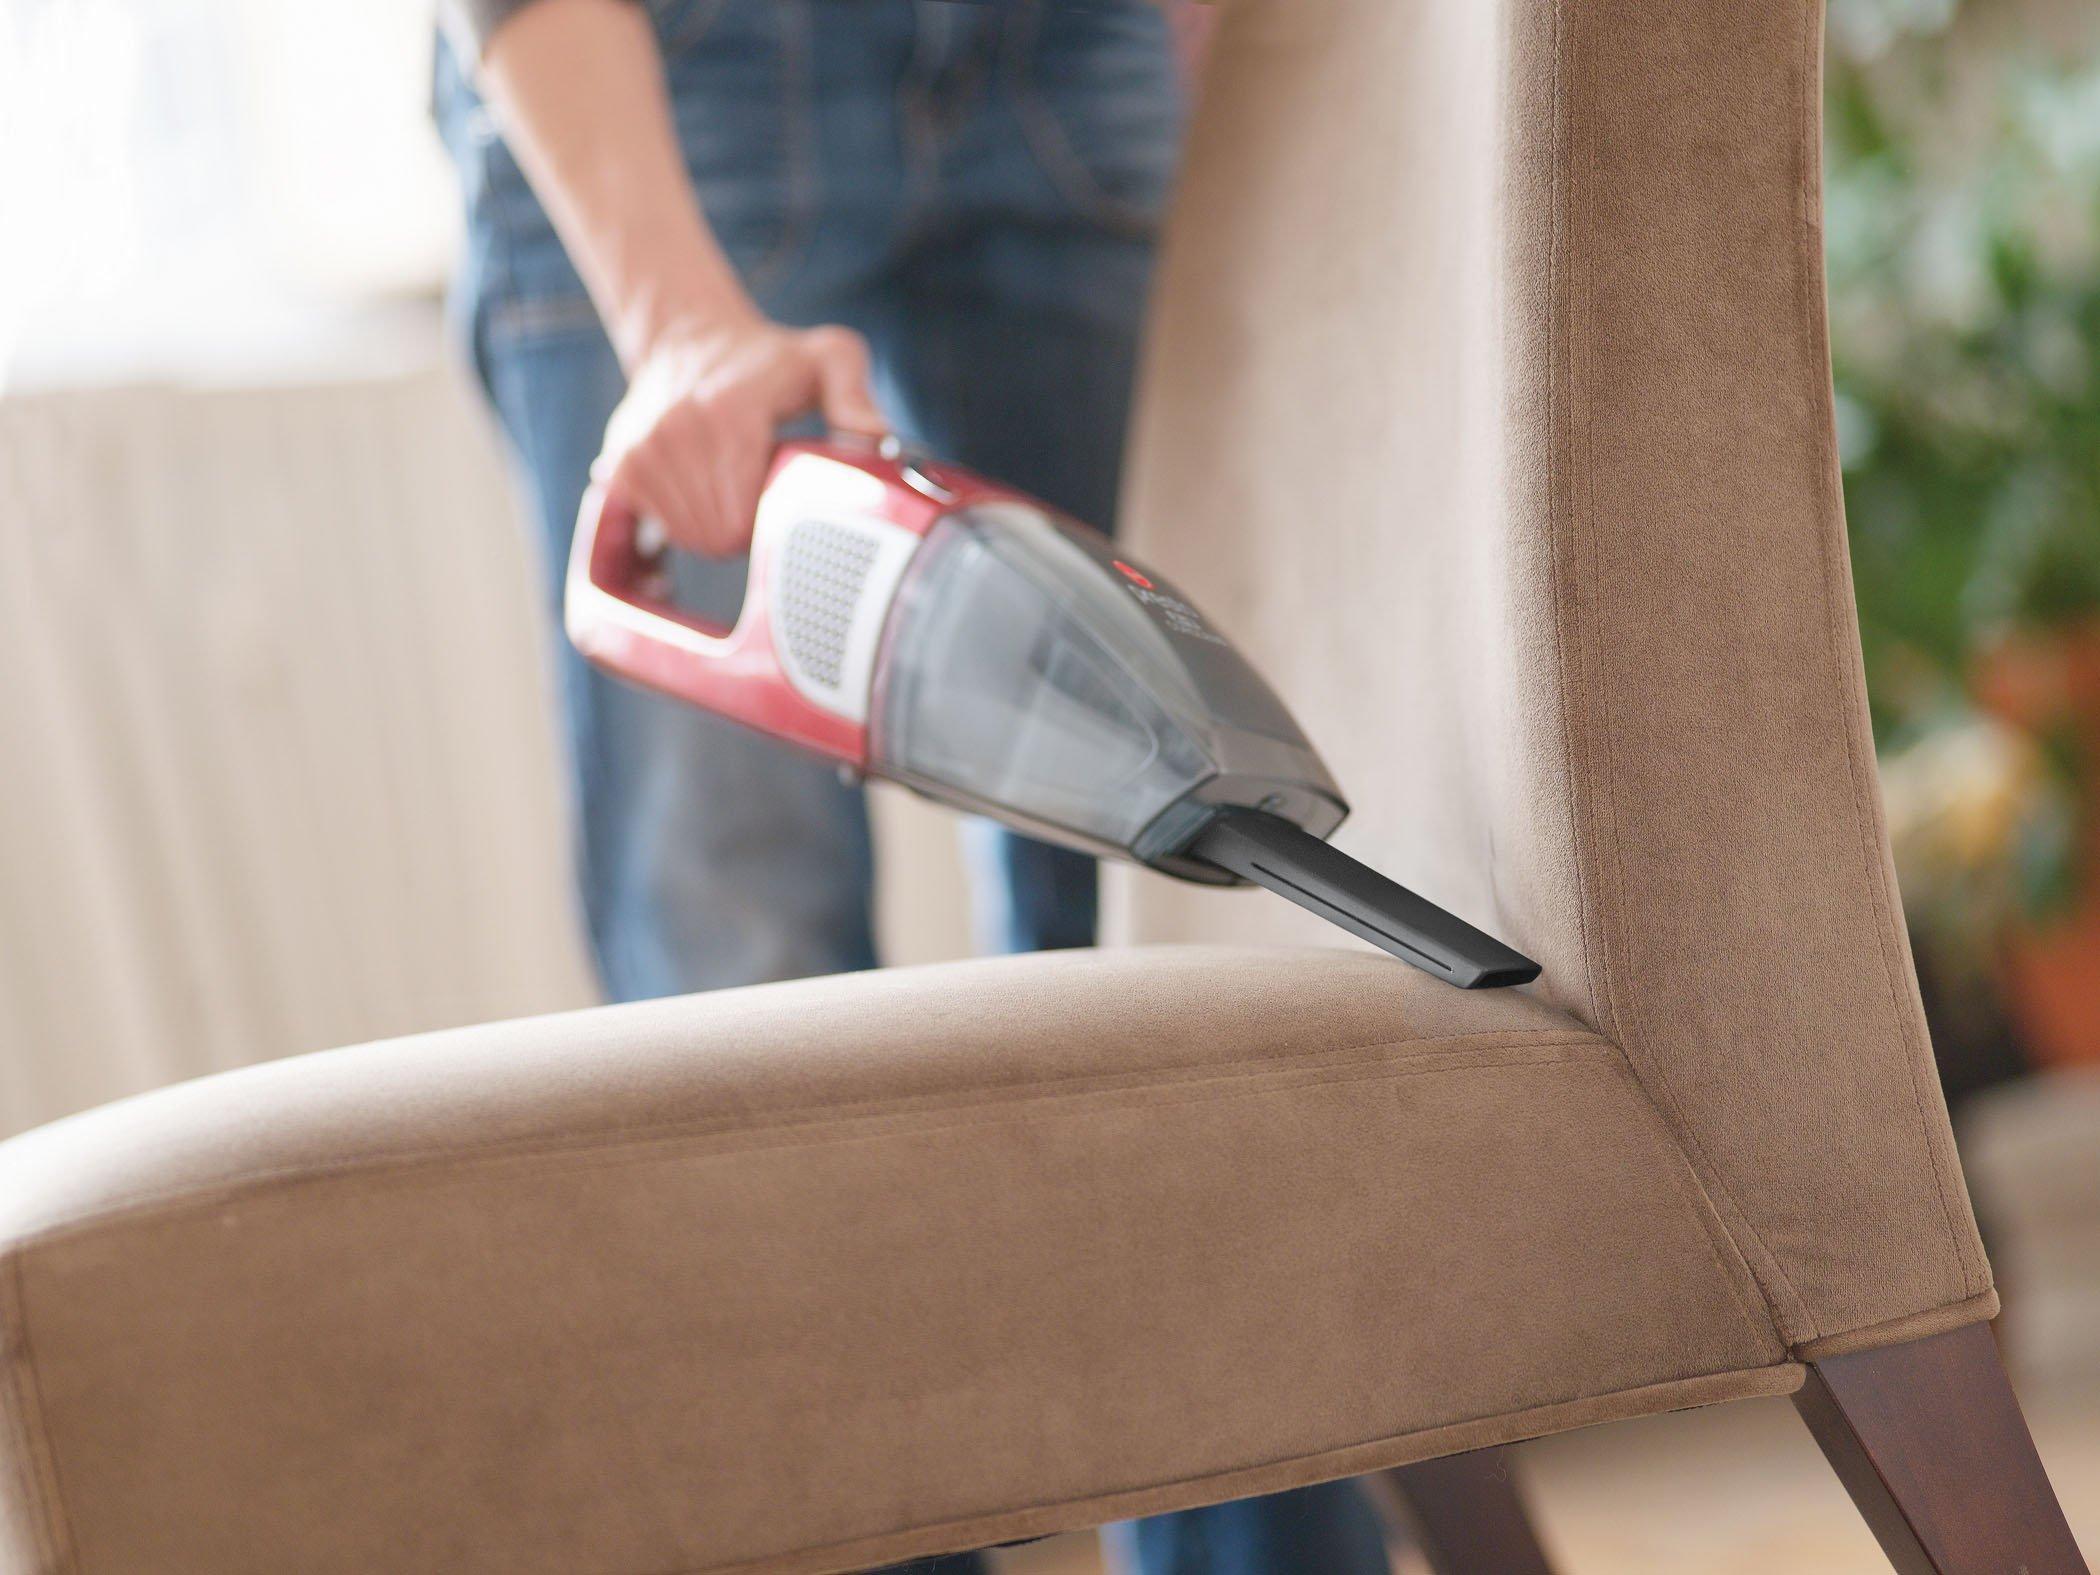 Presto 2-in-1 Cordless Stick Vacuum7